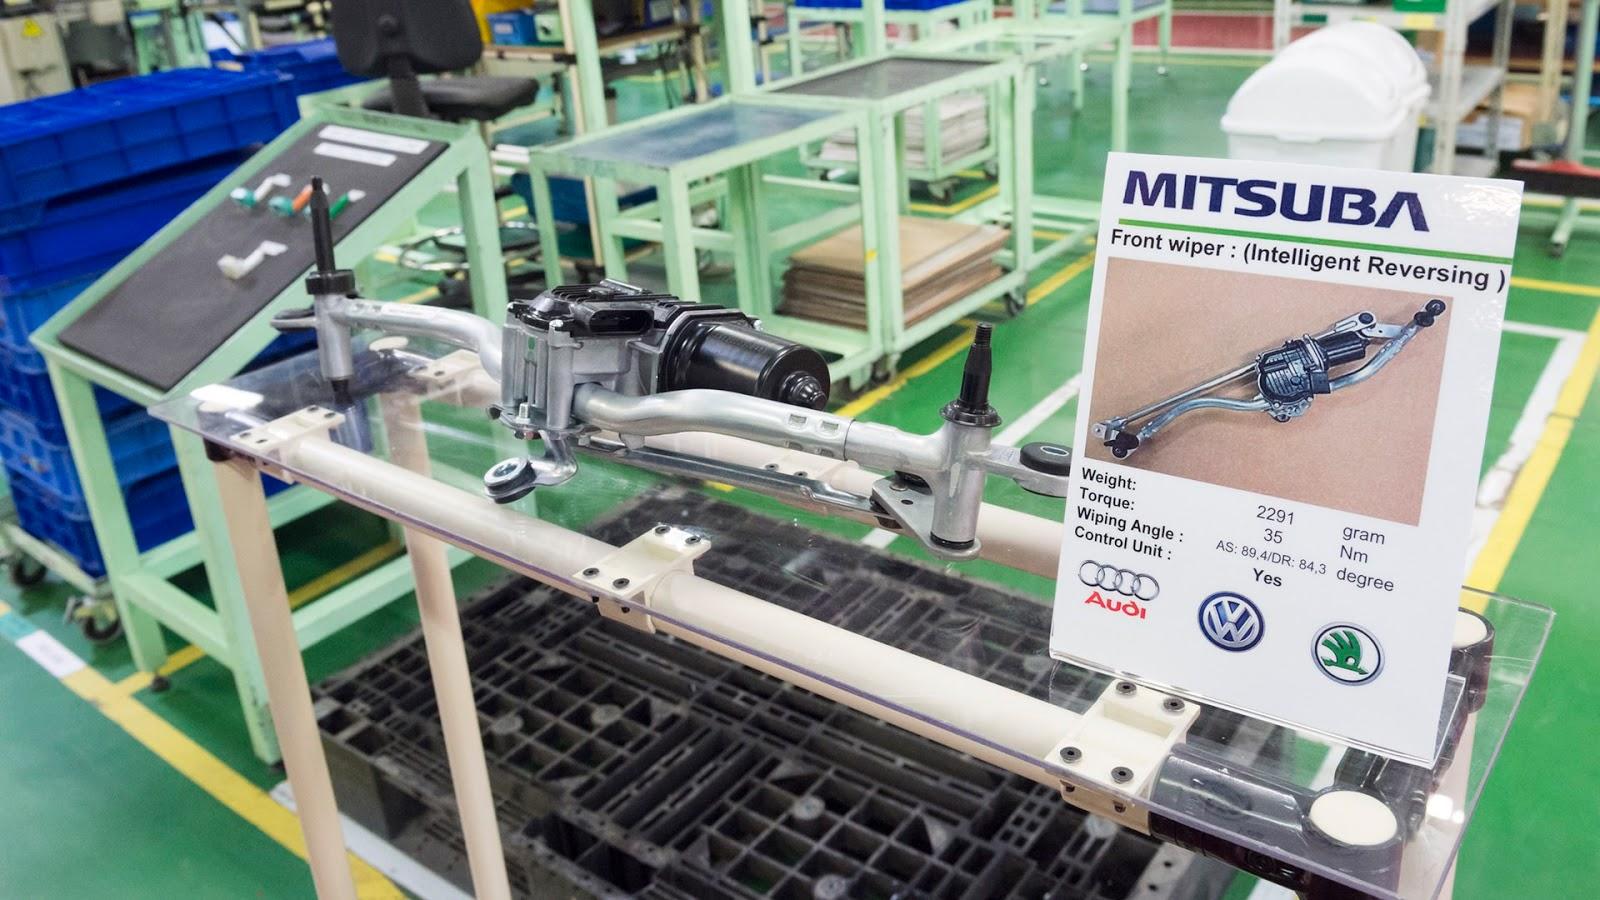 Lowongan Kerja PT.Mitsuba Tangerang Operator Produksi 2017